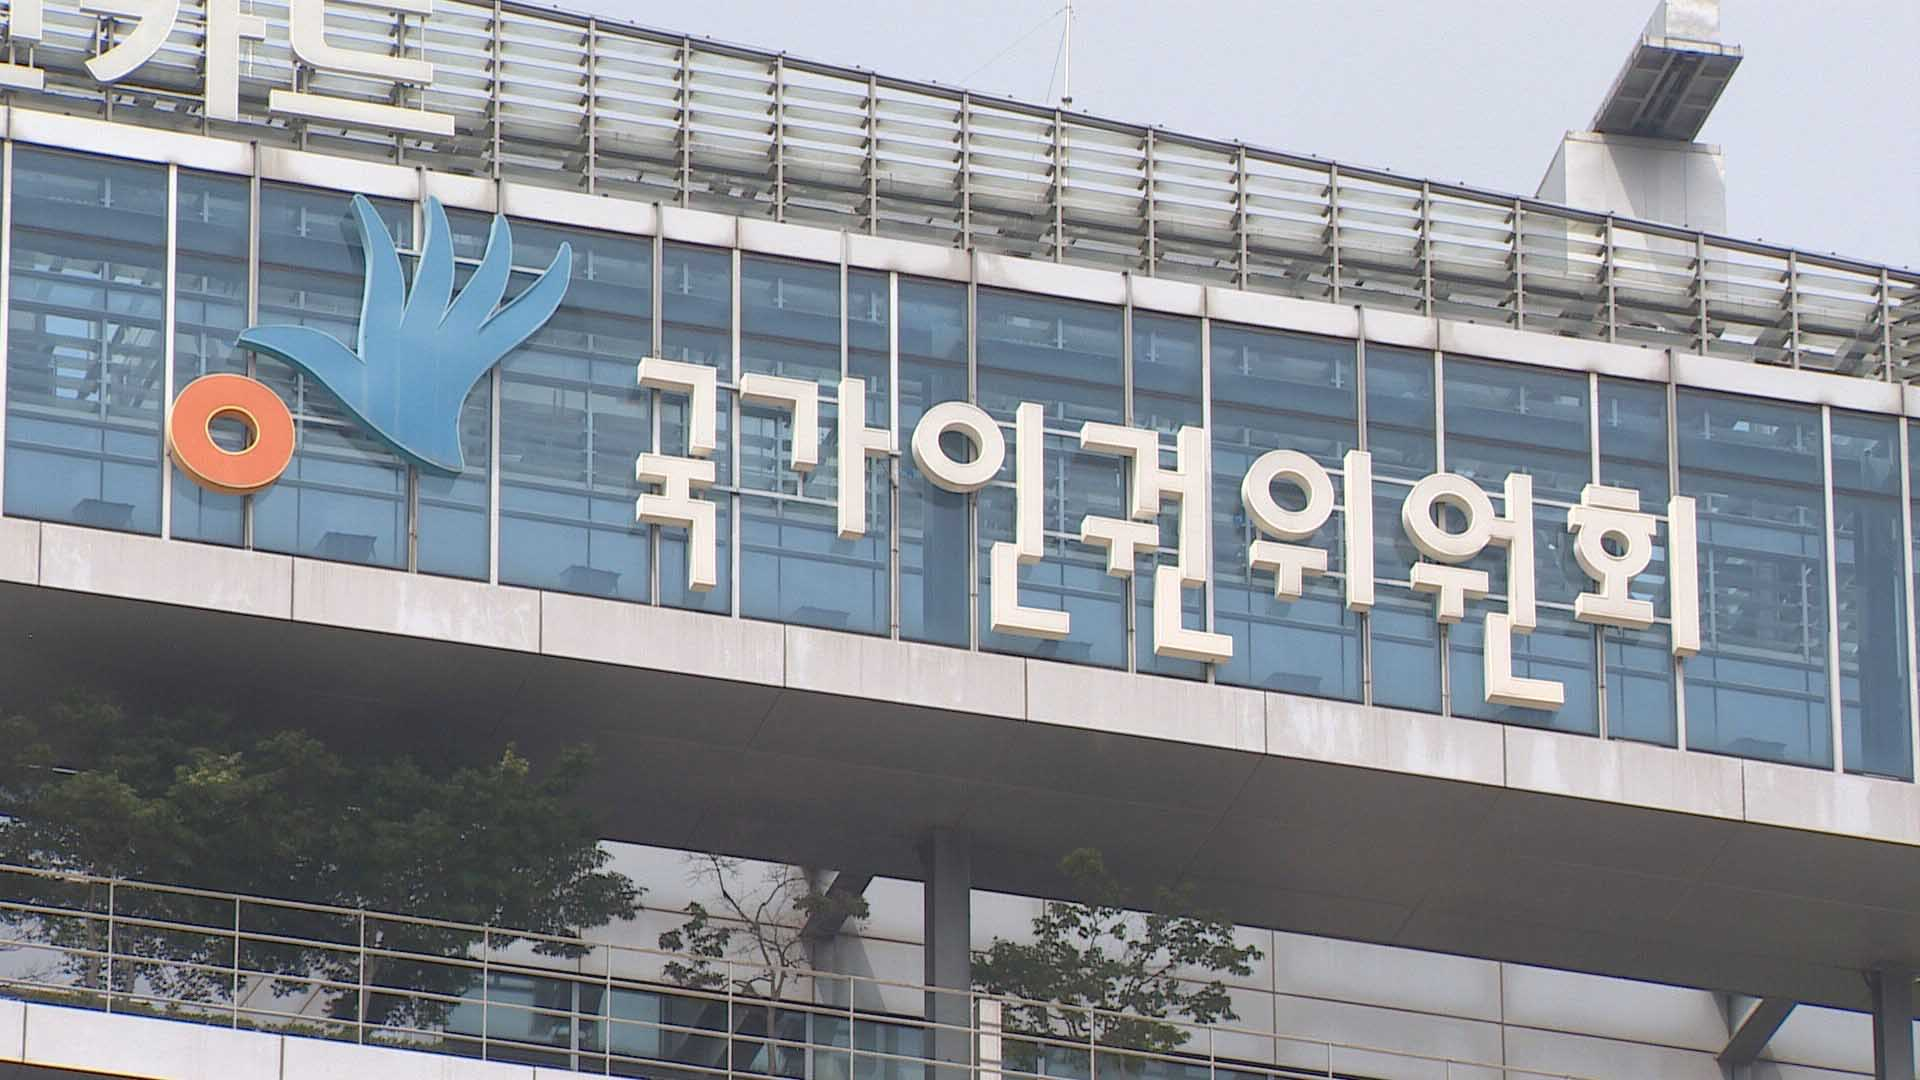 인권위, '박원순 의혹' 직권조사단 구성